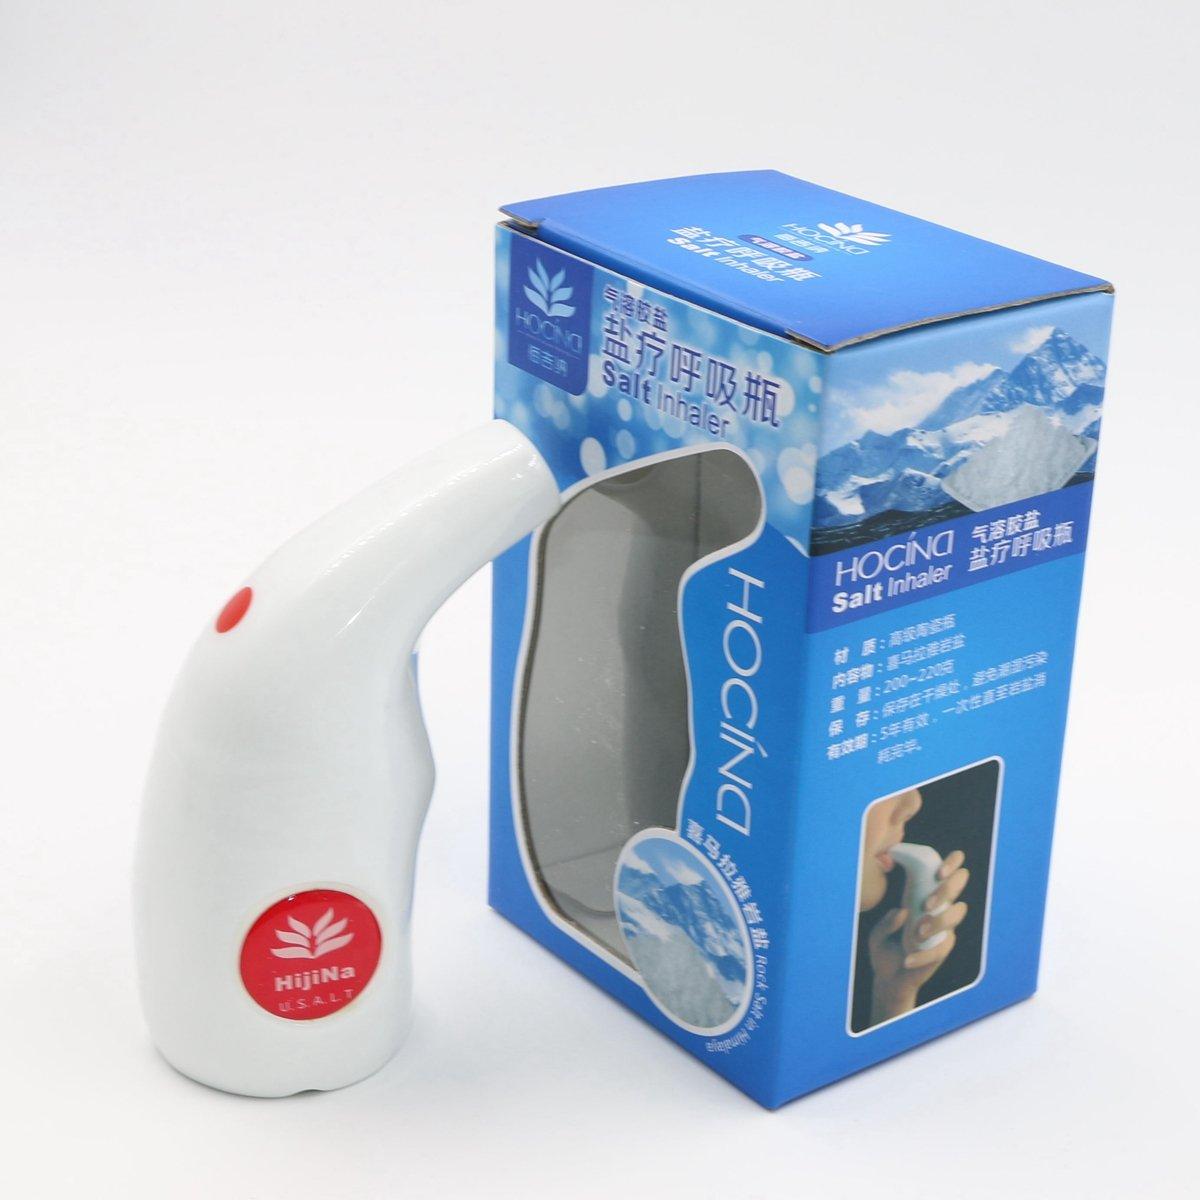 HijiNa Salt Inhaler, Ceramic Inhaler with Himalayan Natural Crystal Salt